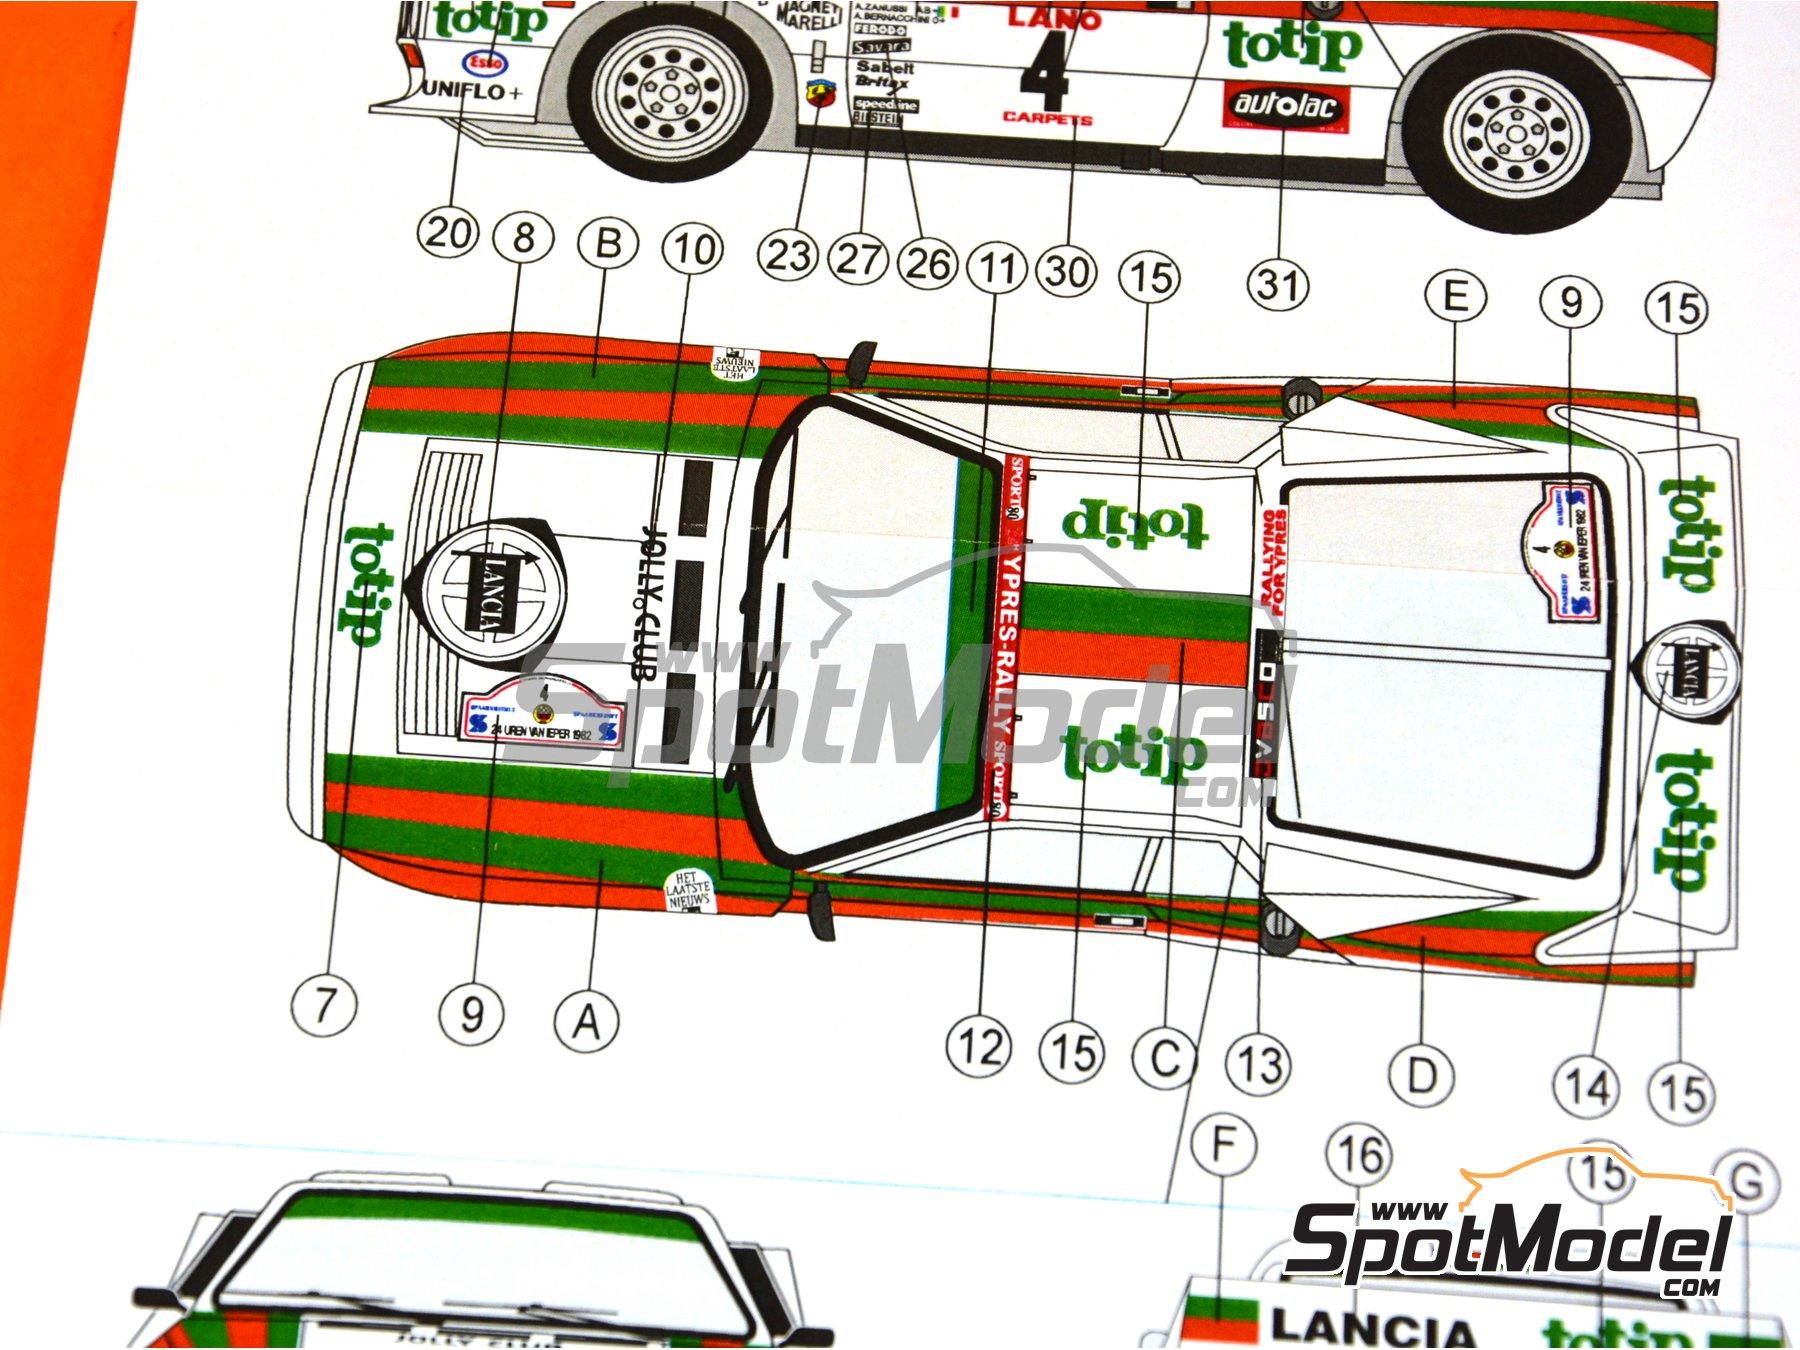 Image 15: Lancia 037 WRC Totip - Rally de Ypres de Belgica 1982 | Decoración en escala1/24 fabricado por Reji Model (ref.REJI-234)